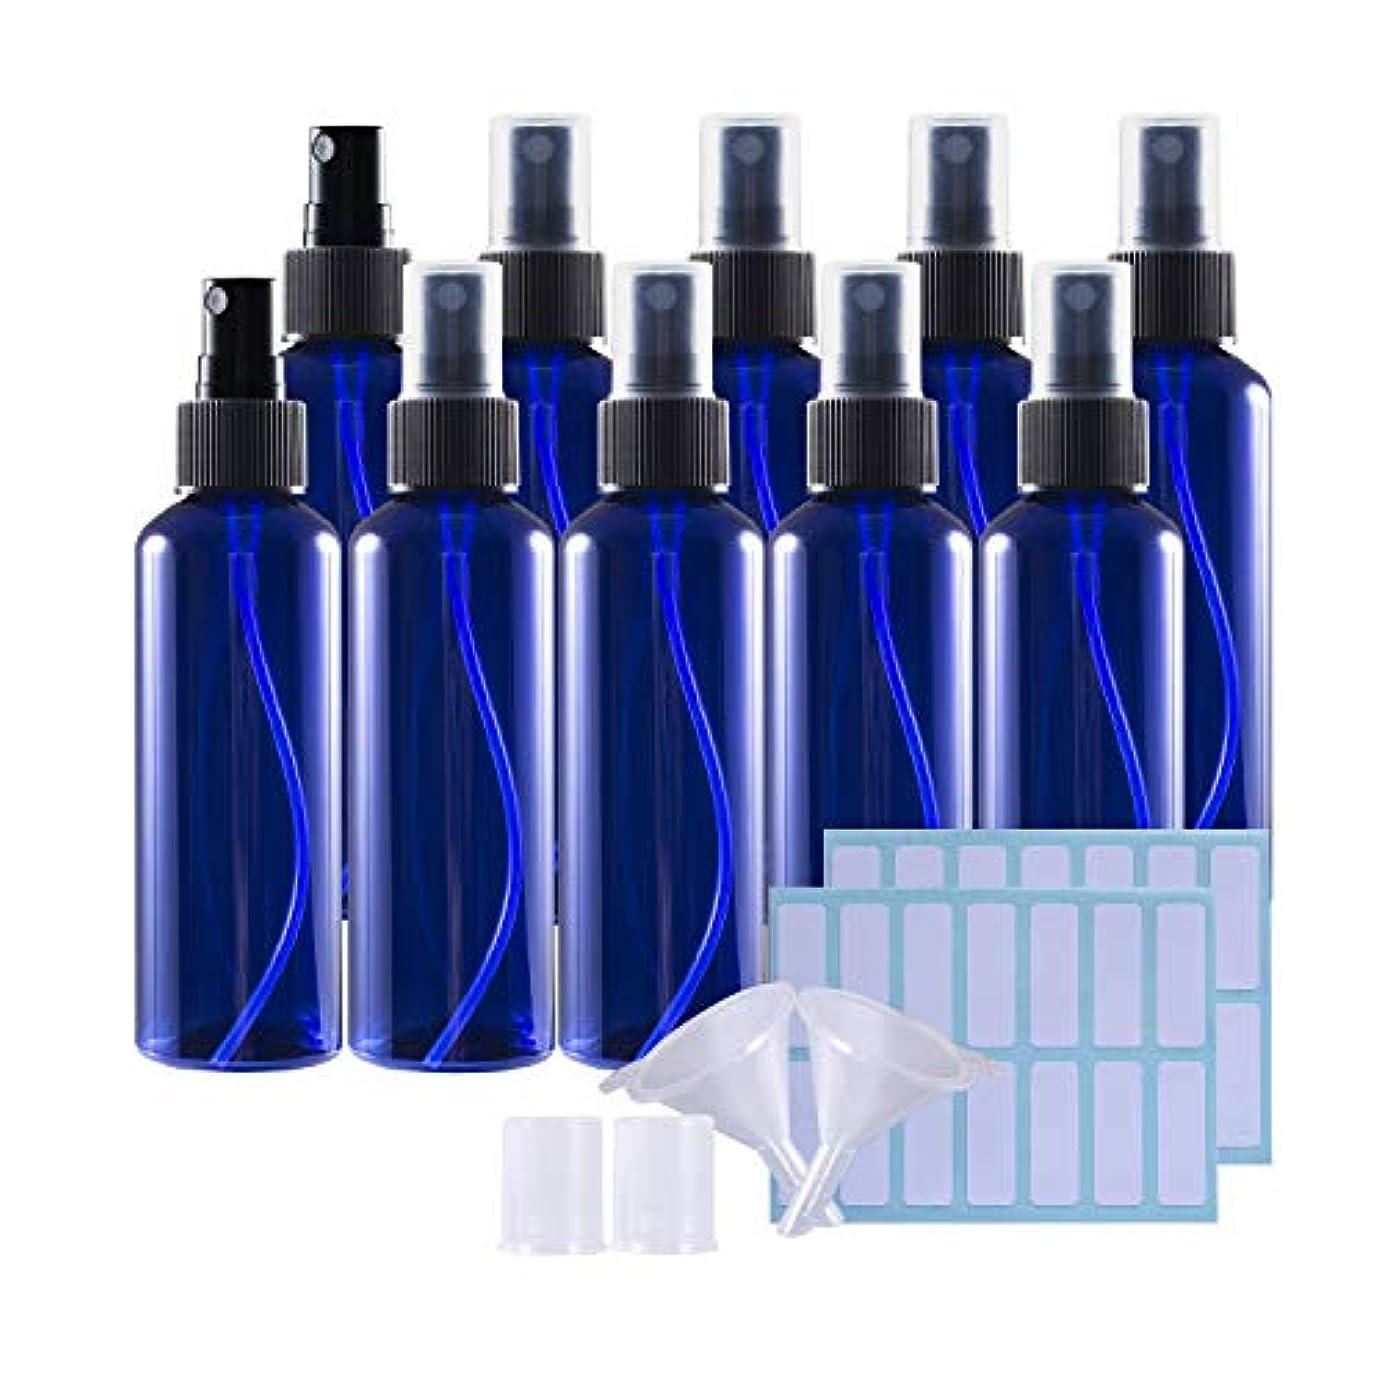 ポルティコ可愛いハンディキャップ100mlスプレーボトル 10個セット遮光瓶 小分けボトル プラスチック容器 液体用空ボトル 押し式詰替用ボトル 詰め替え シャンプー クリーム 化粧品 収納瓶